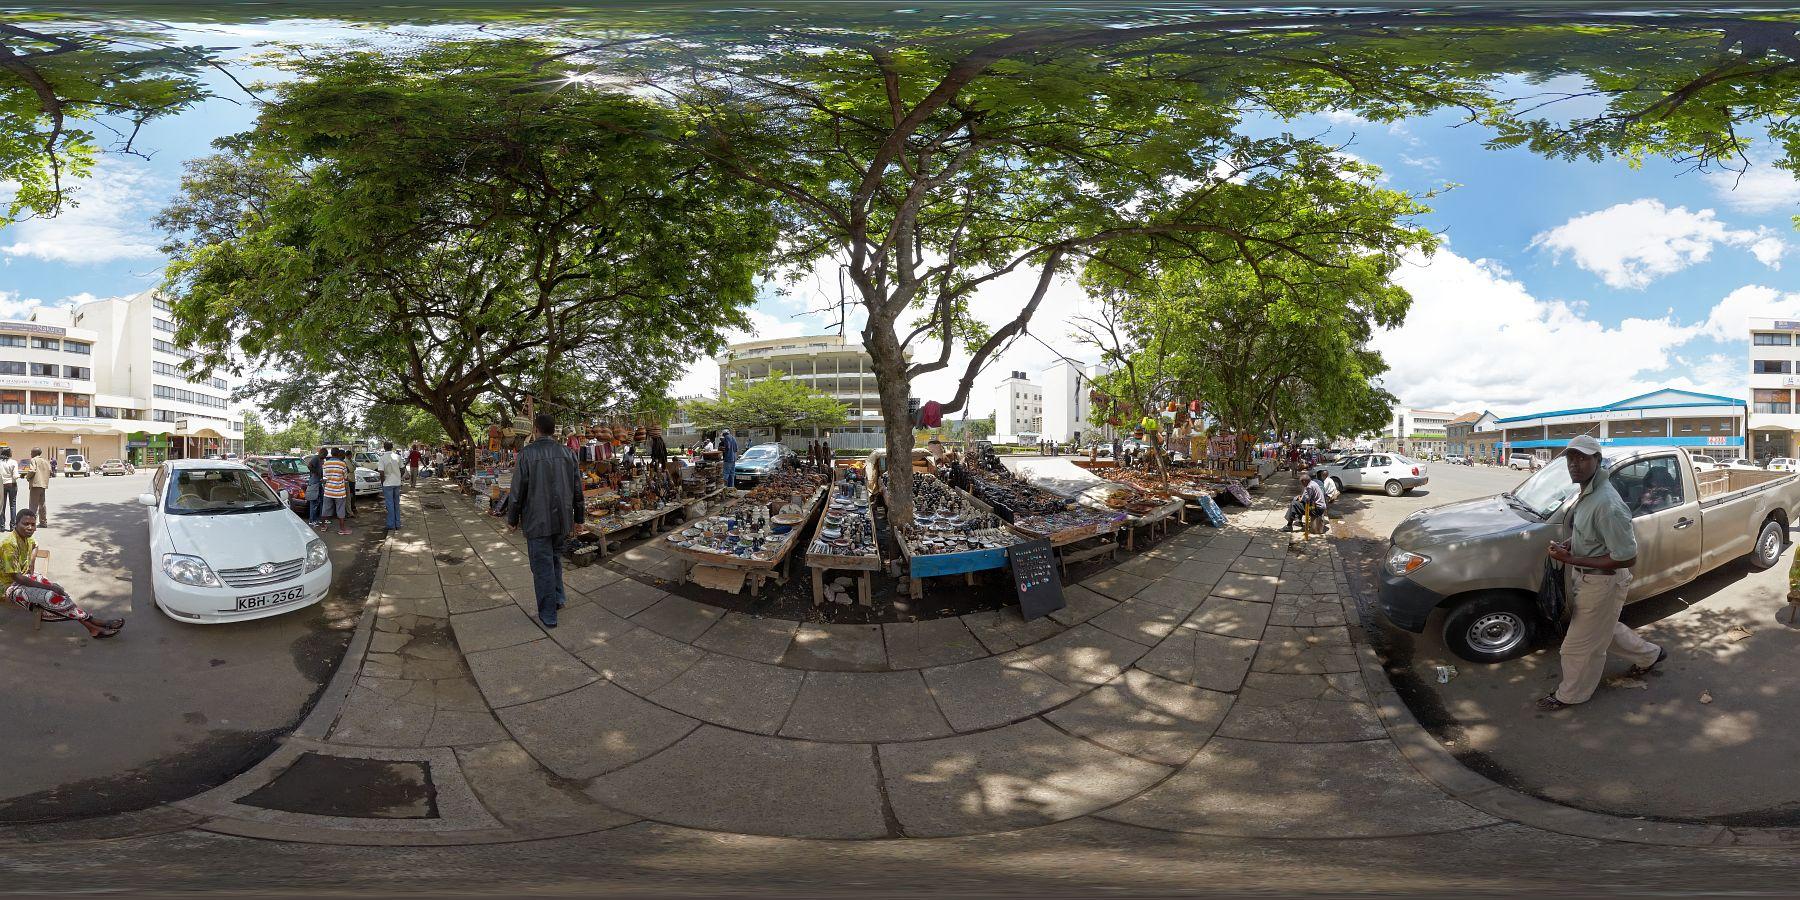 Panorama Kenia Nakuru Schitzermarkt 4